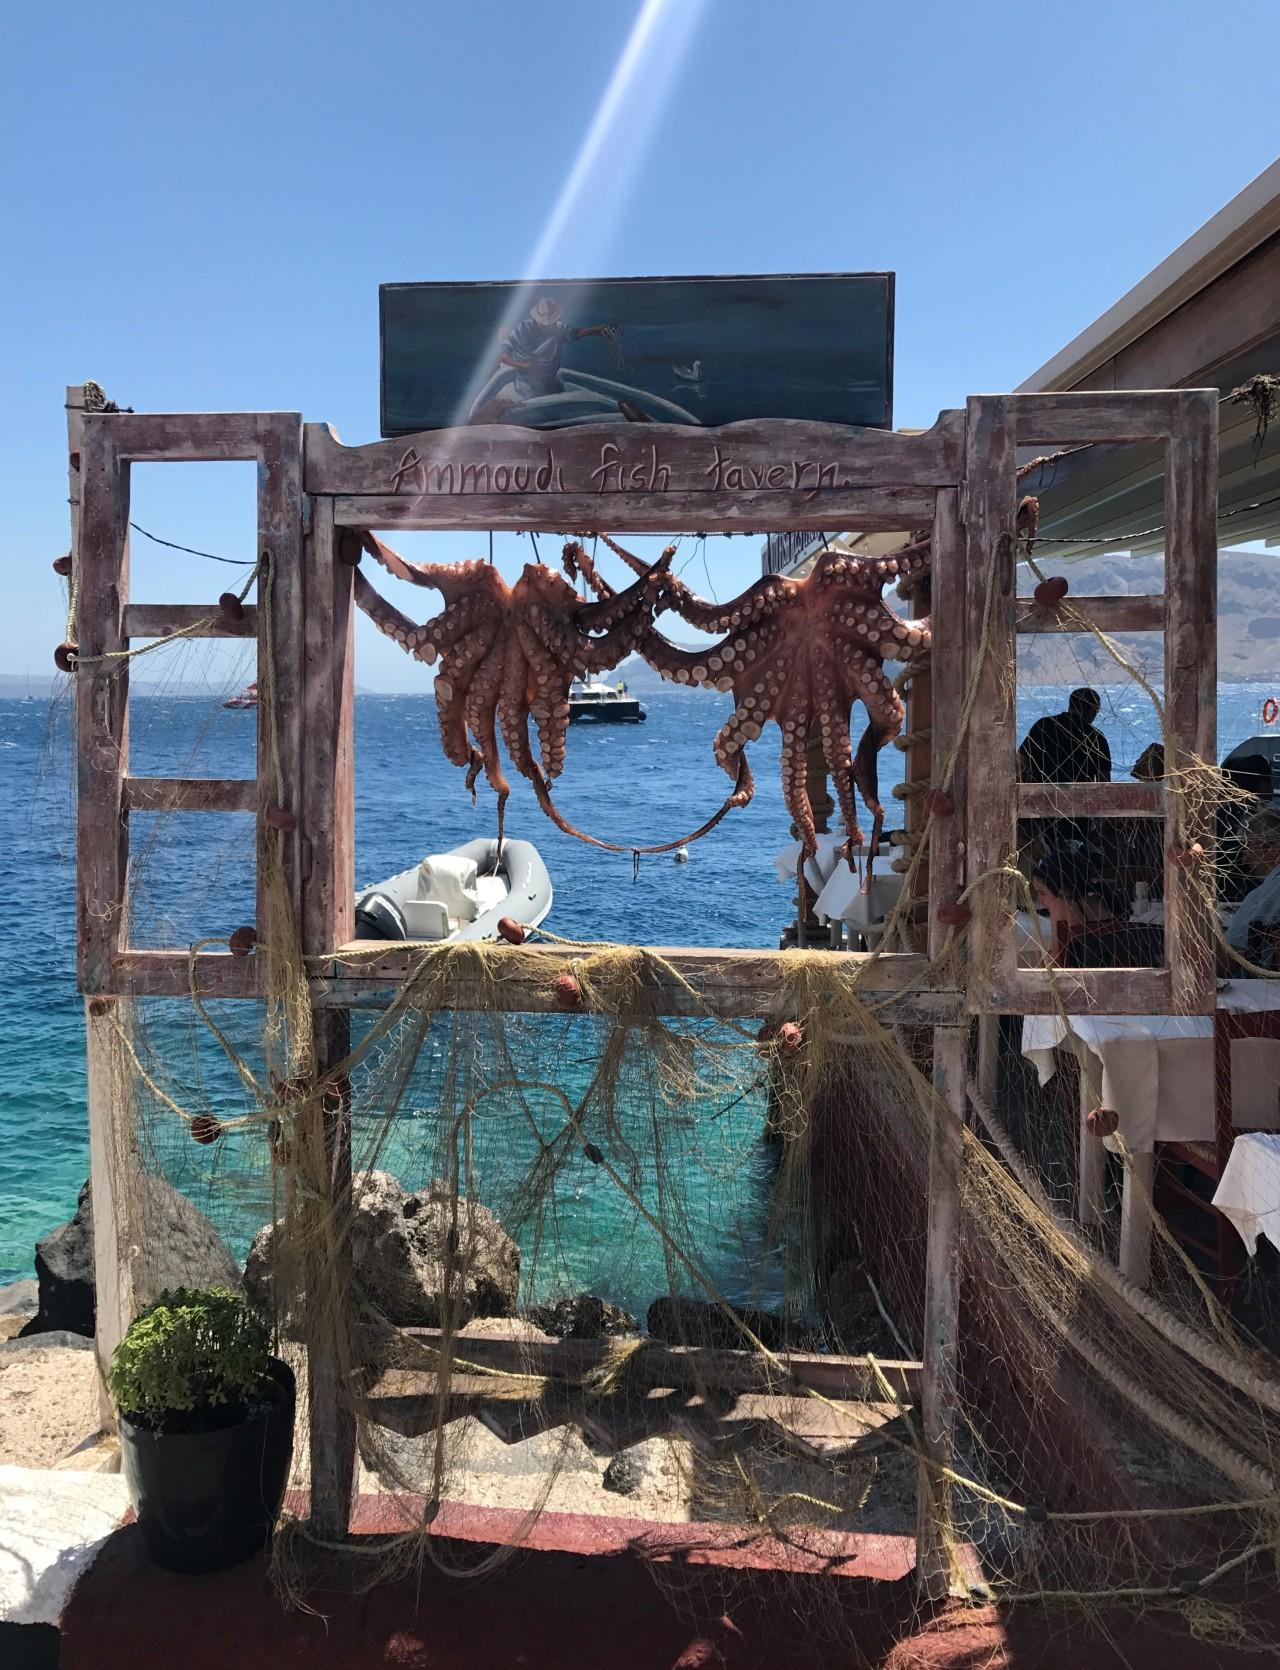 Ammoudi Fish Tavern, Ammoudi Bay,Santorini